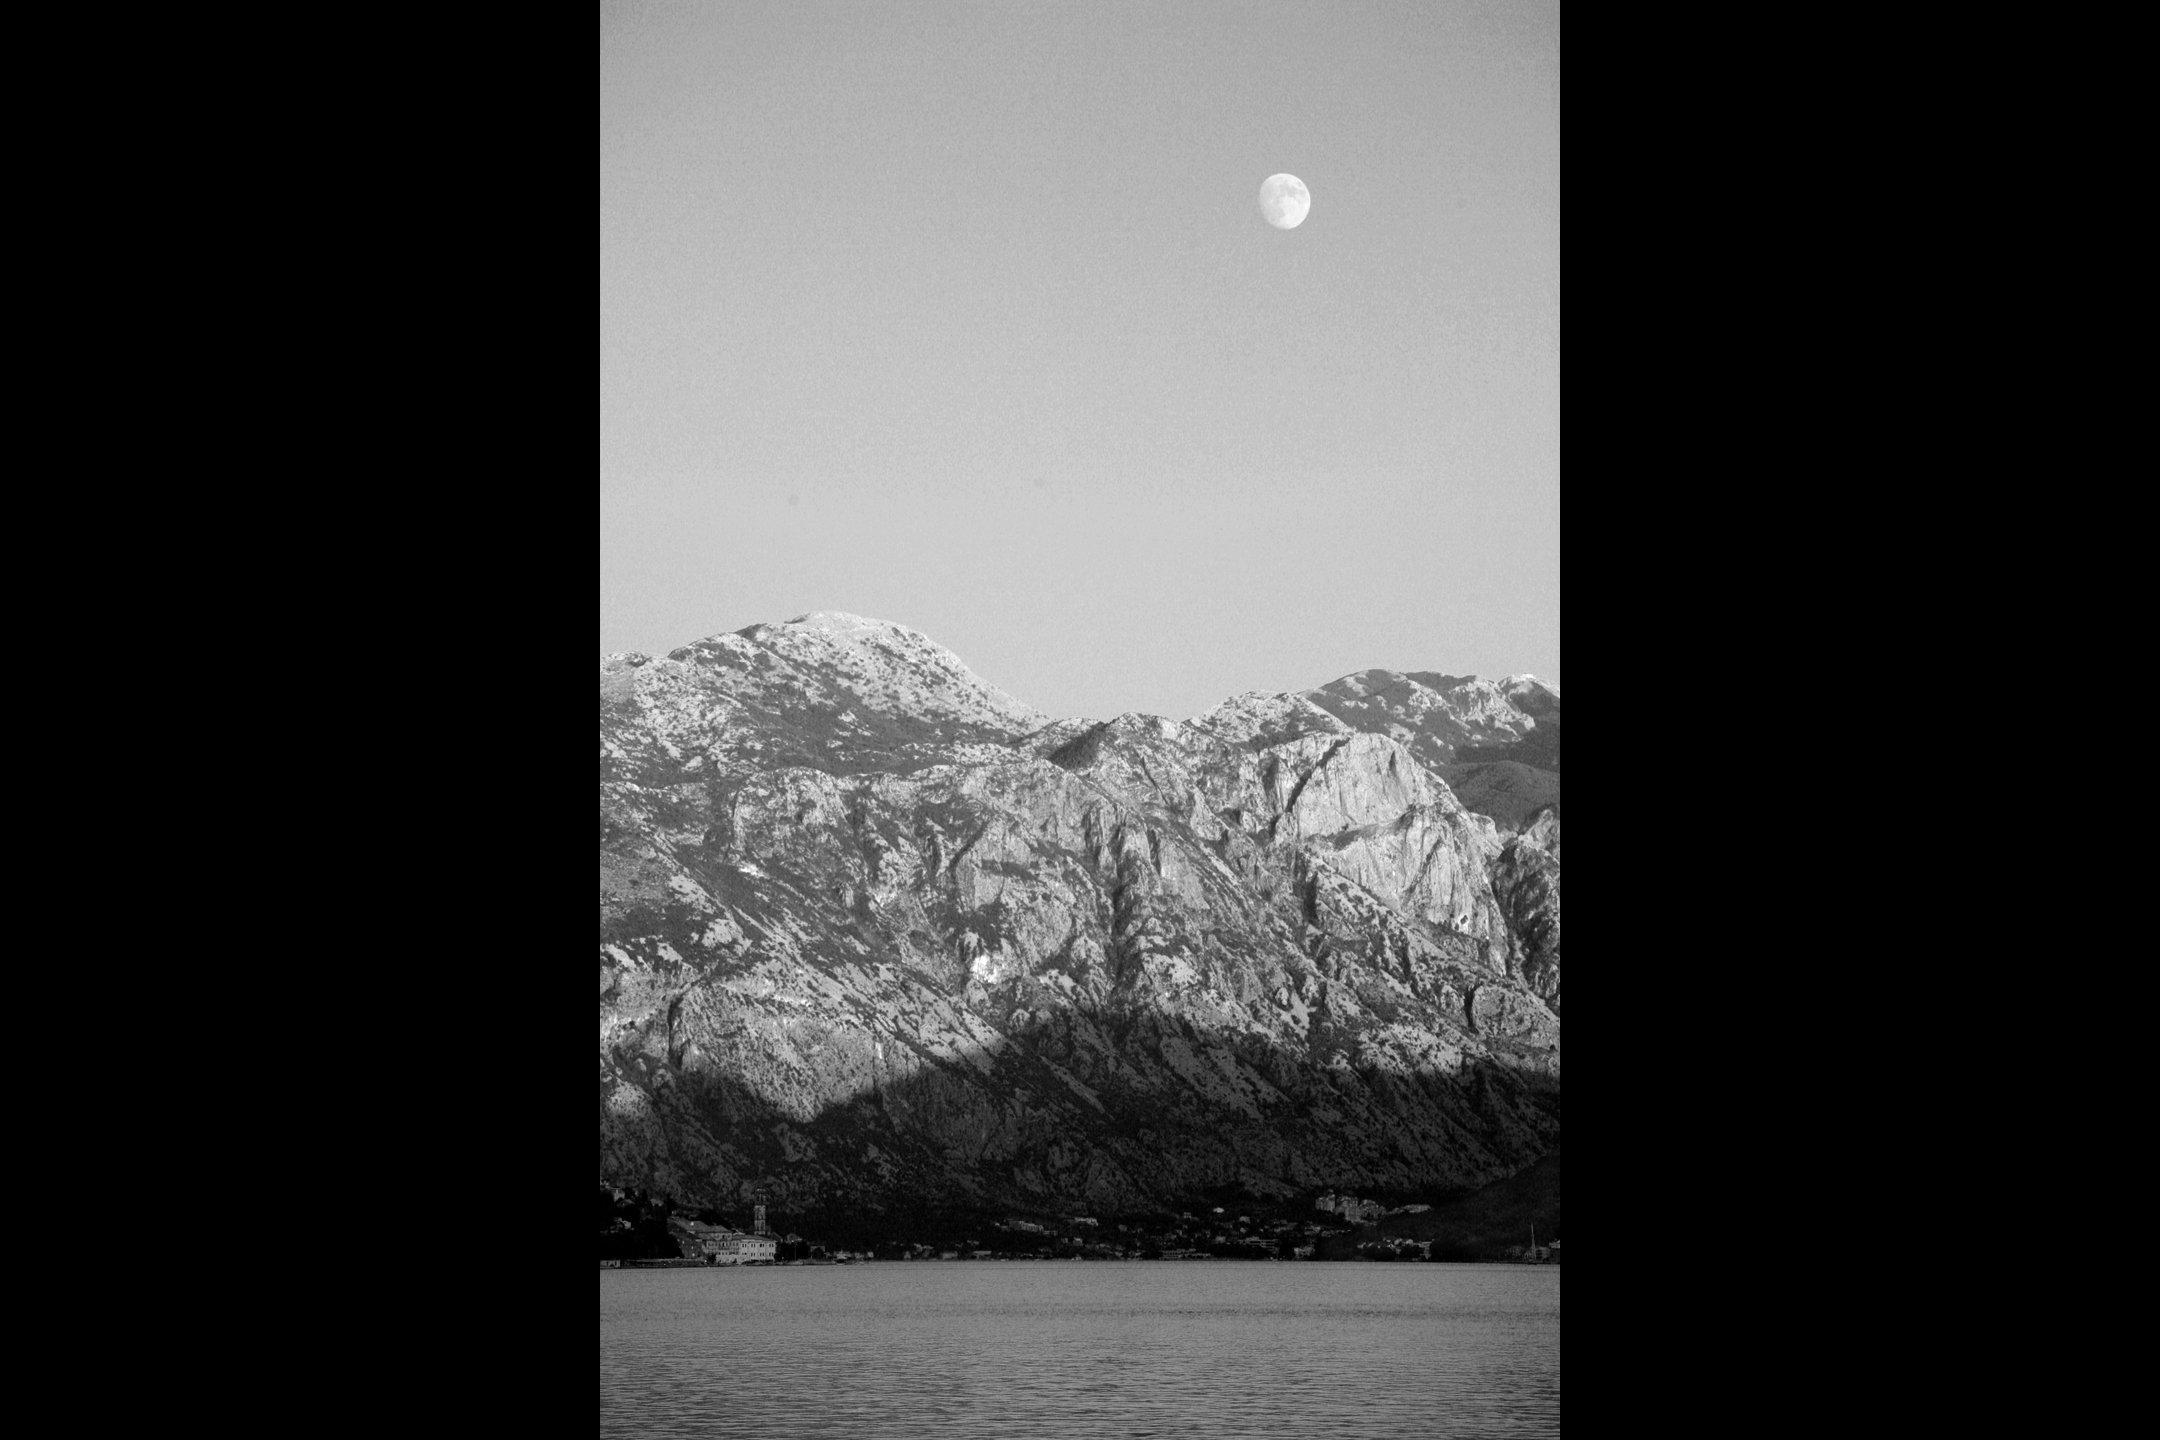 montenegro_moon.jpg